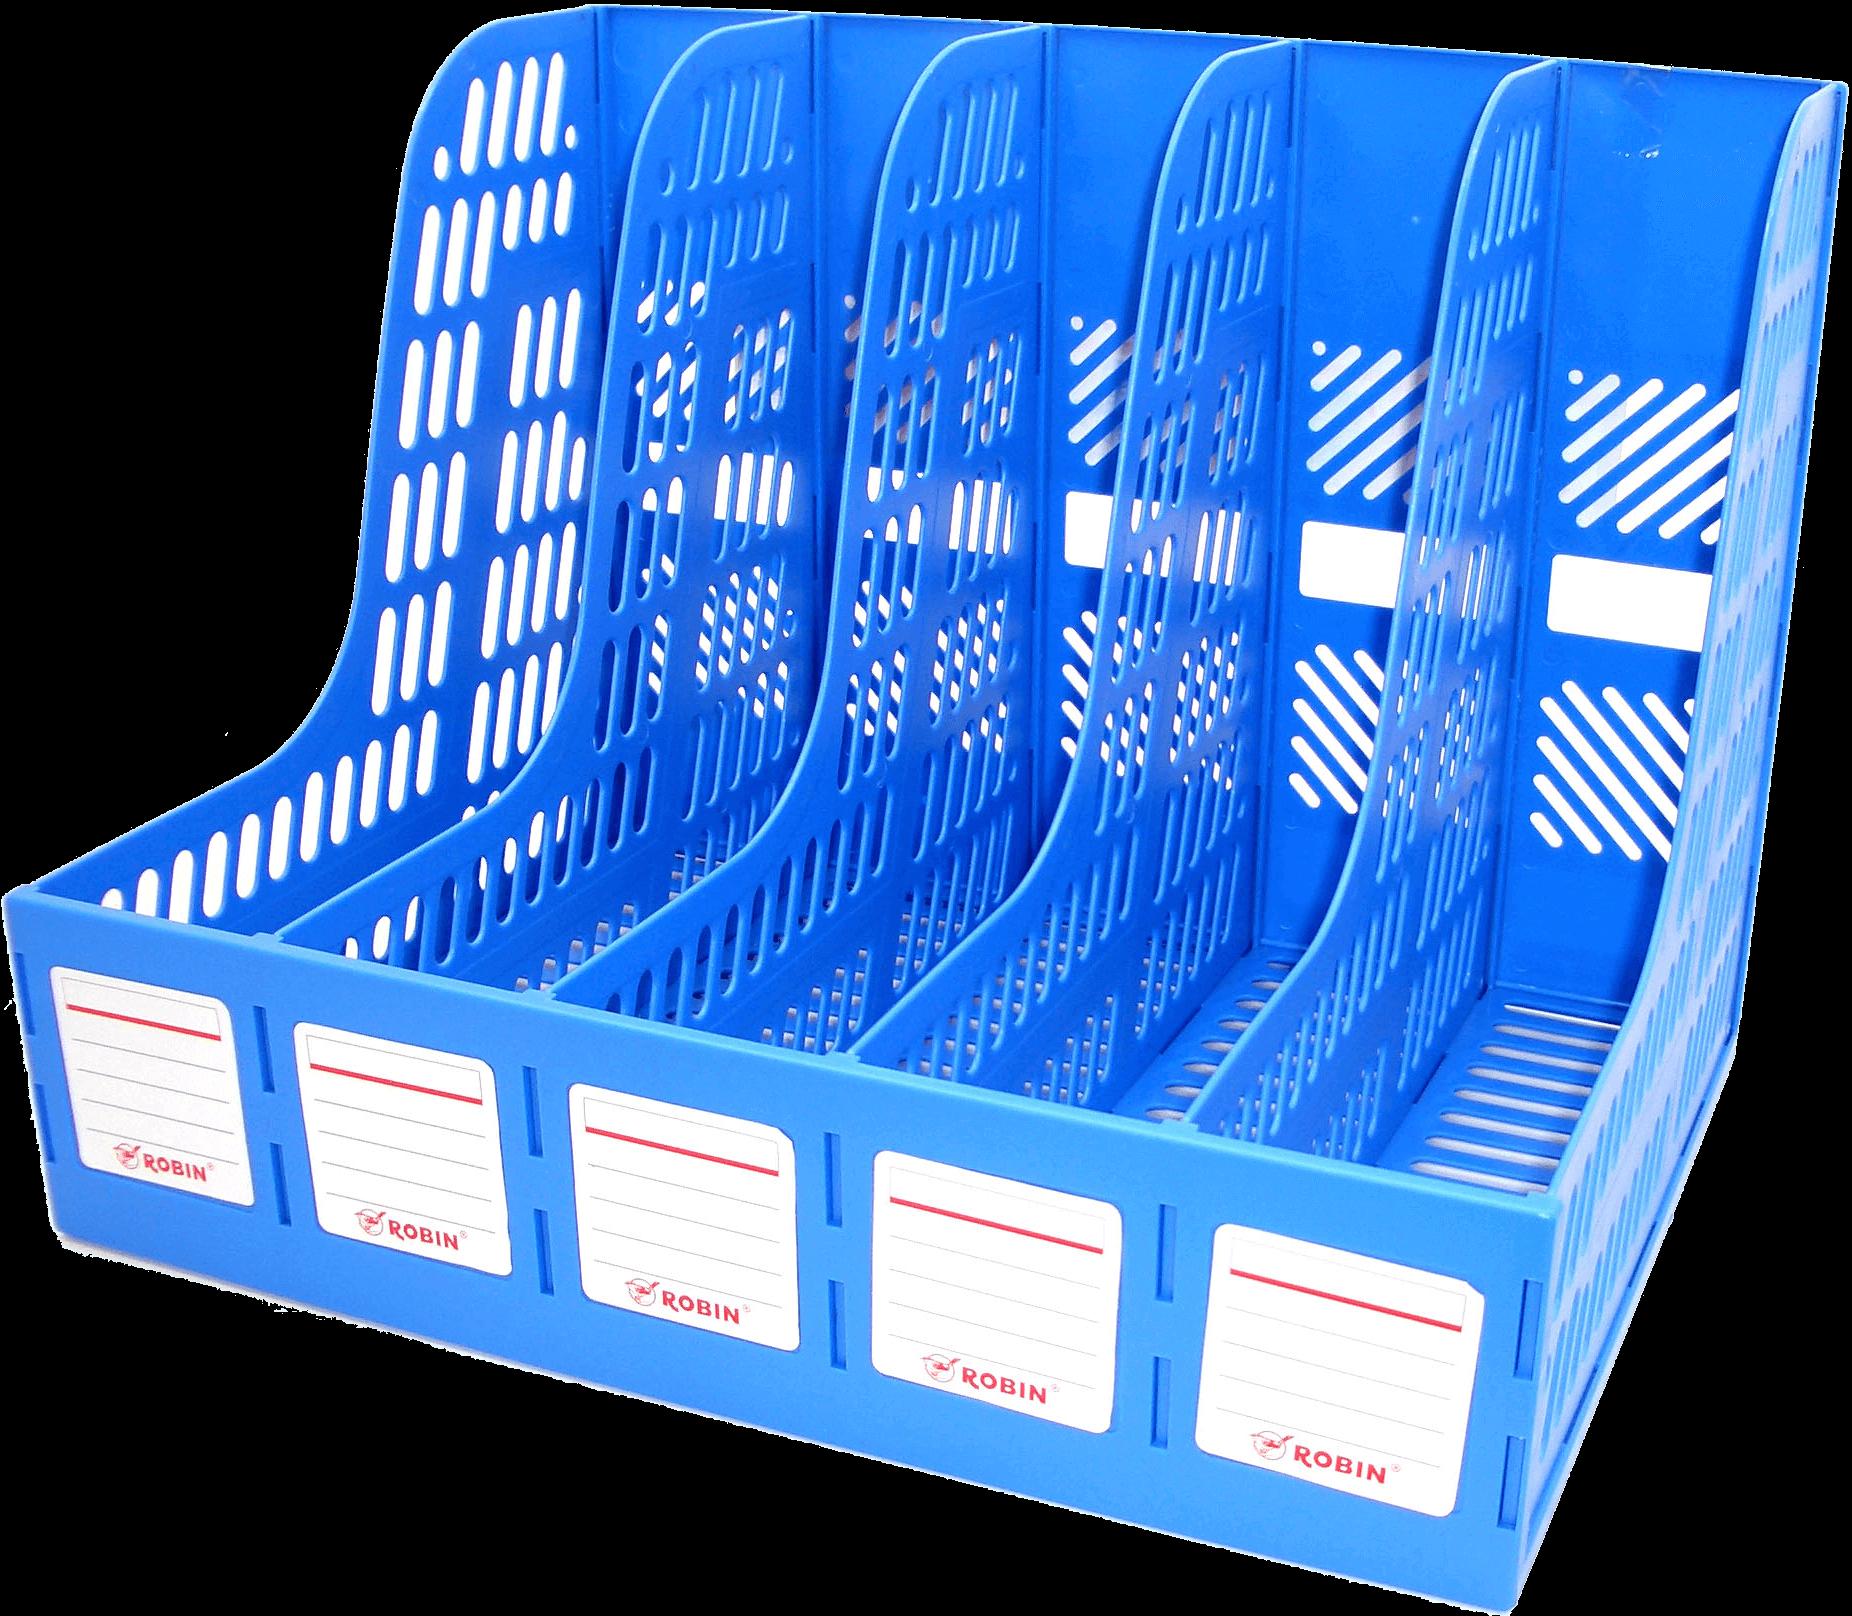 กล่องใส่เอกสารพลาสติก 5 ช่อง Robin 125 น้ำเงิน